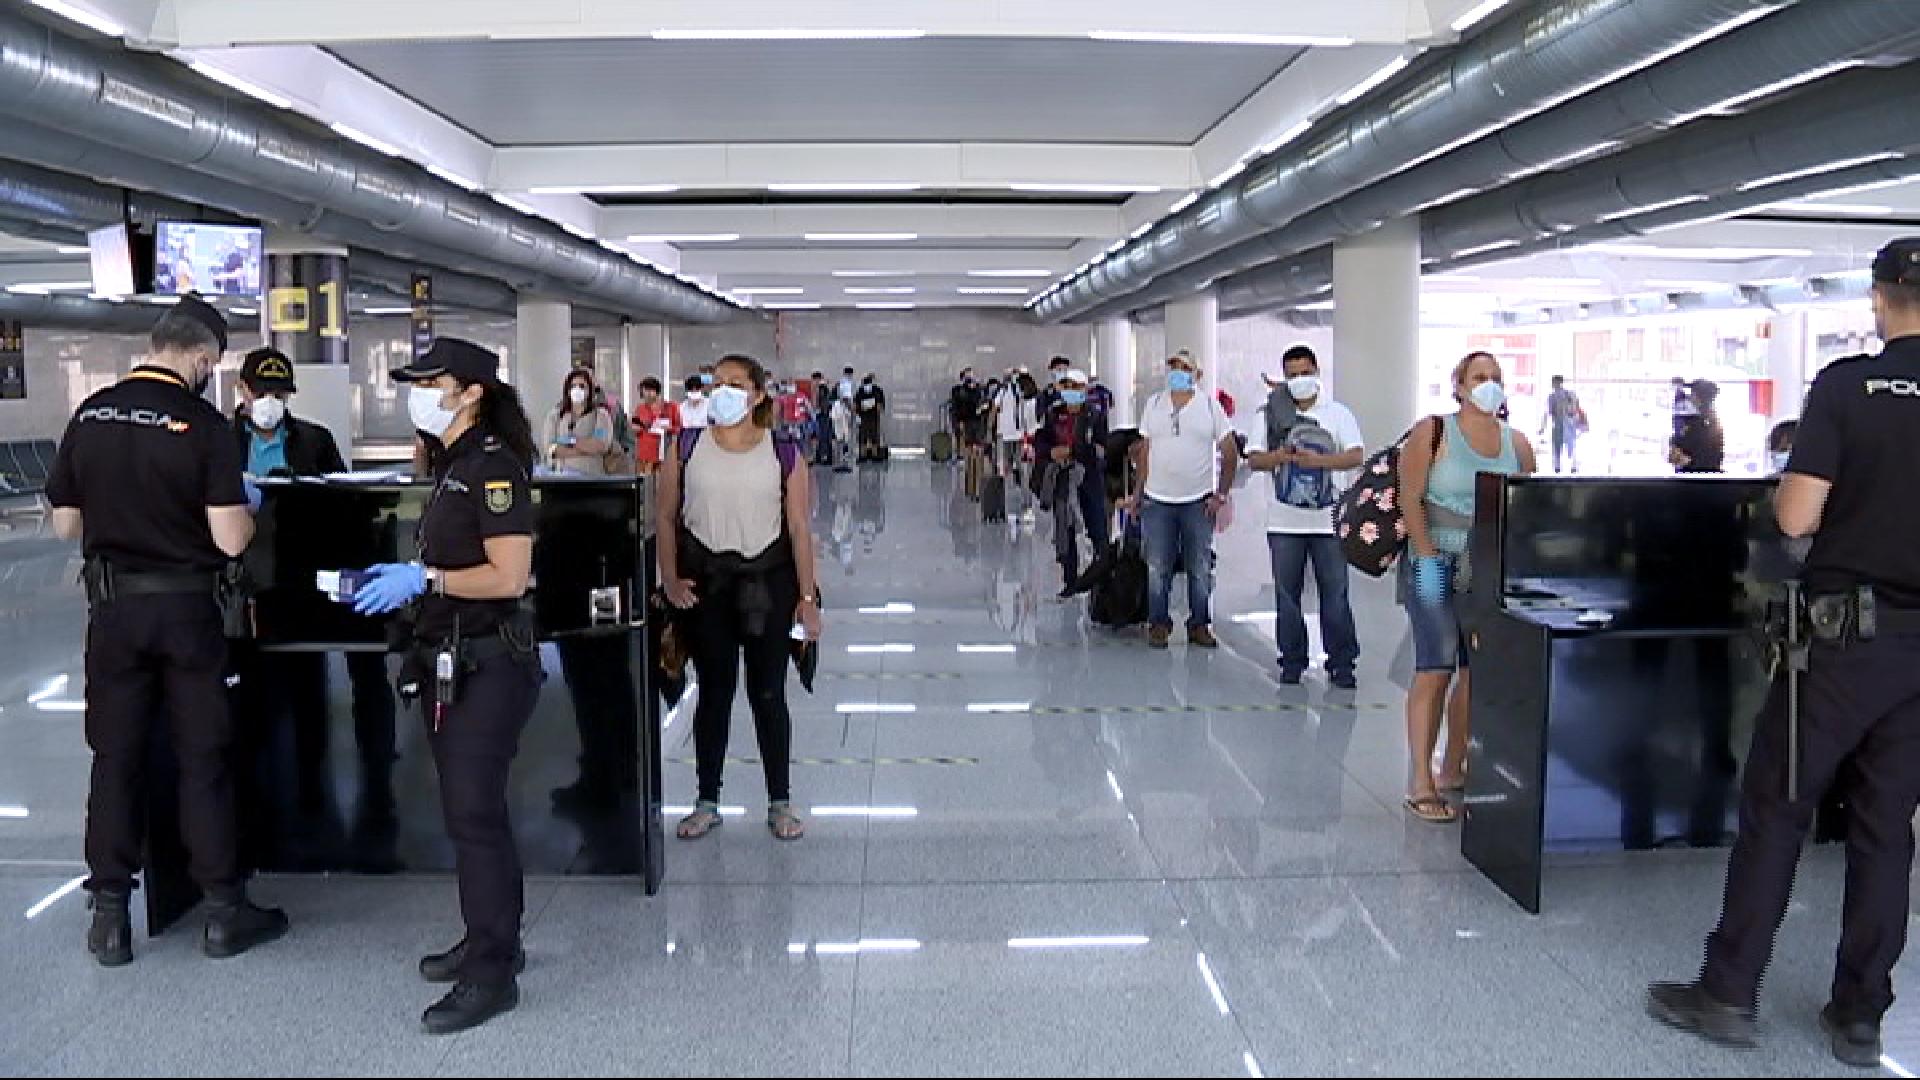 El+Govern+balear+proposa+grups+de+fins+a+3.000+turistes+per+a+les+proves+pilot